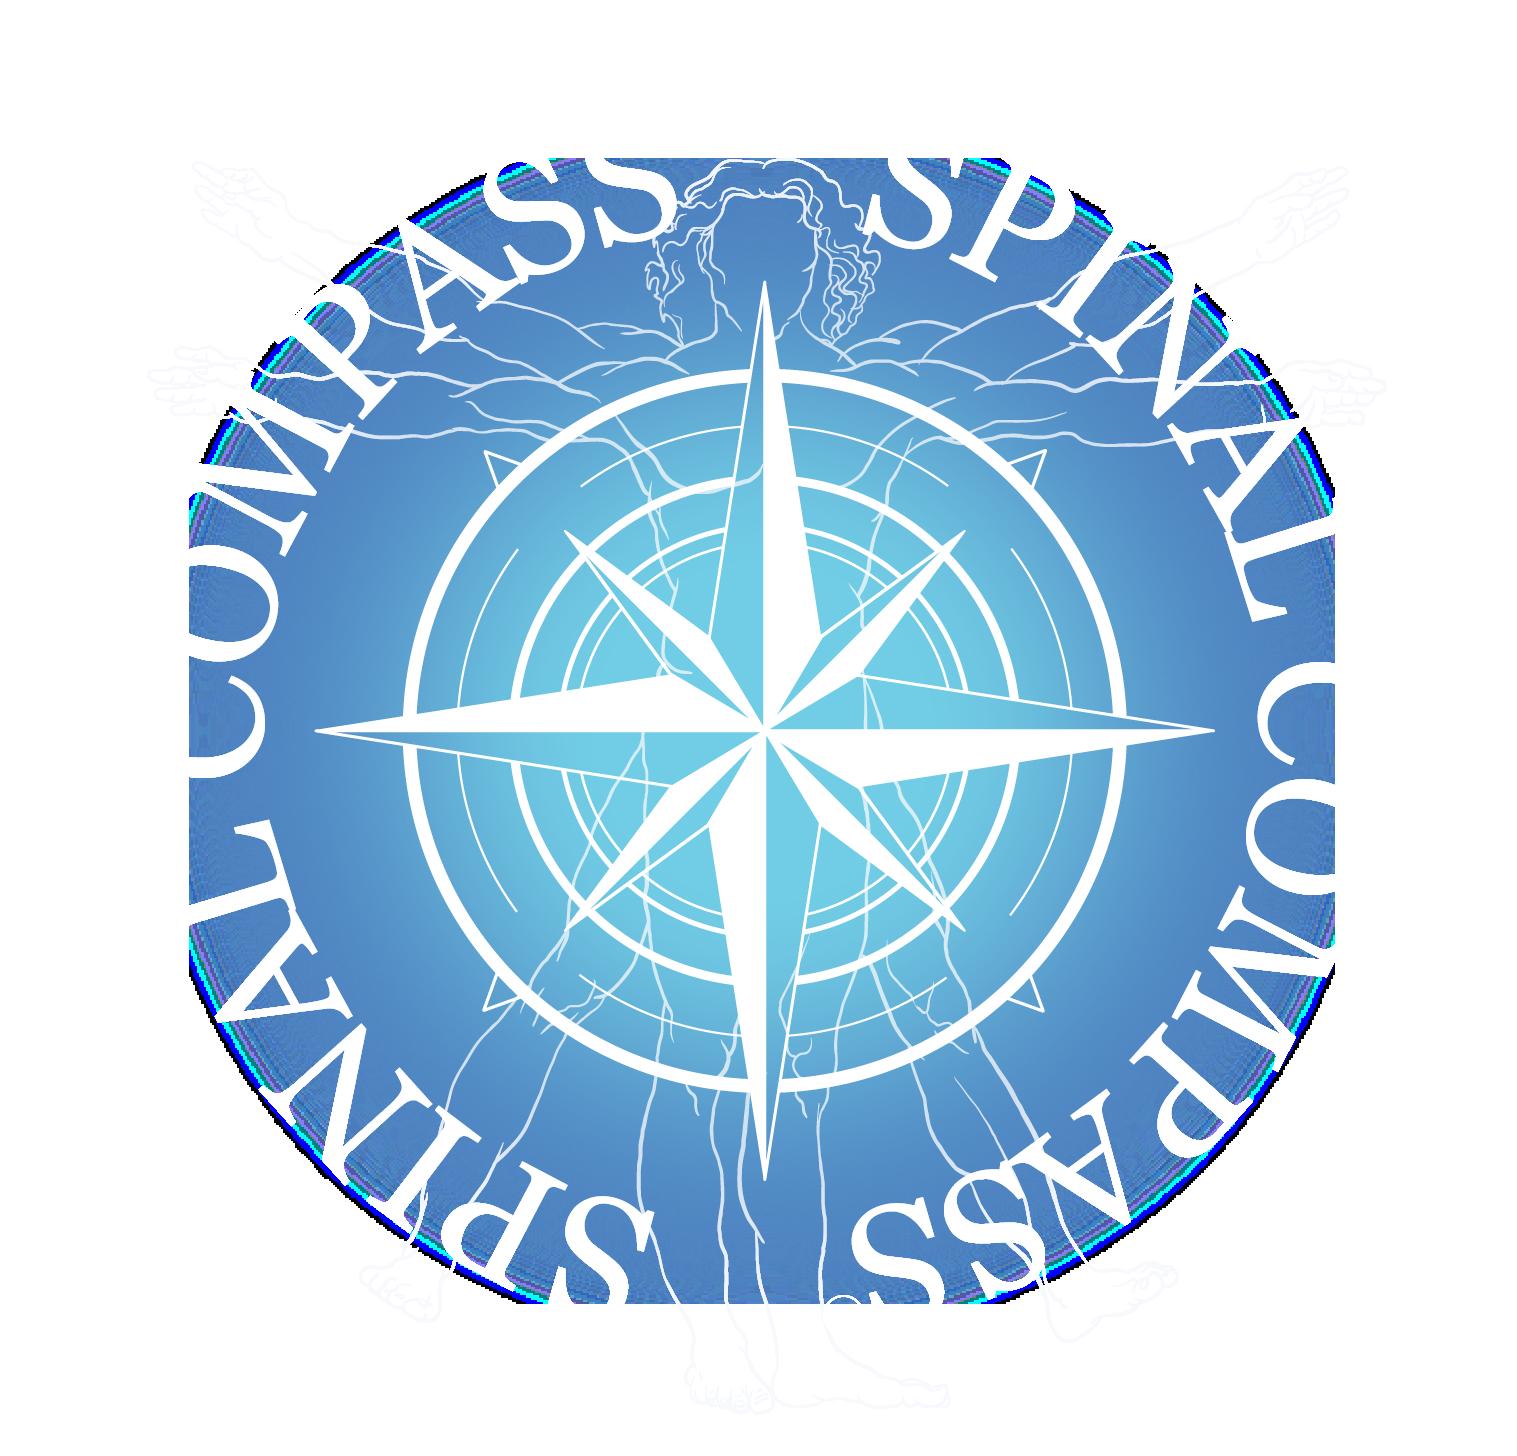 MDT PT Steve Dine Spinal Compass Logo